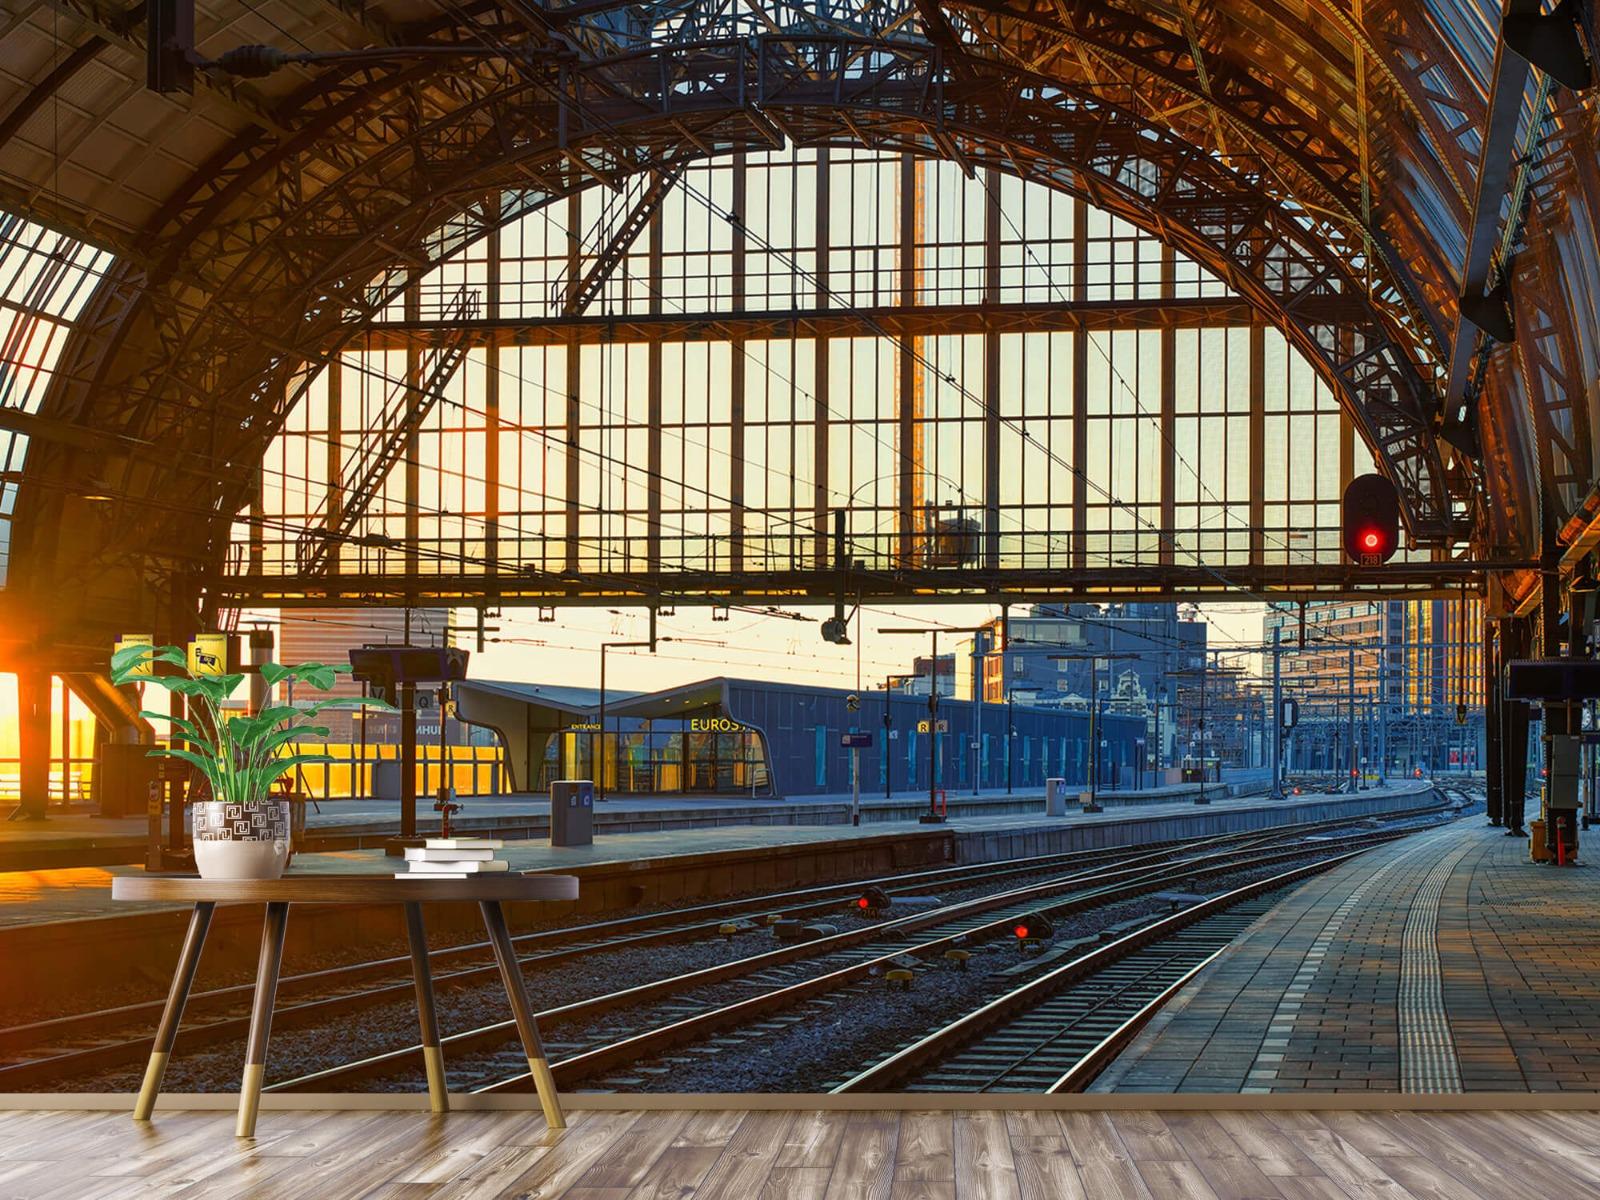 Gebouwen - Zonsopgang op het station - Tienerkamer 4